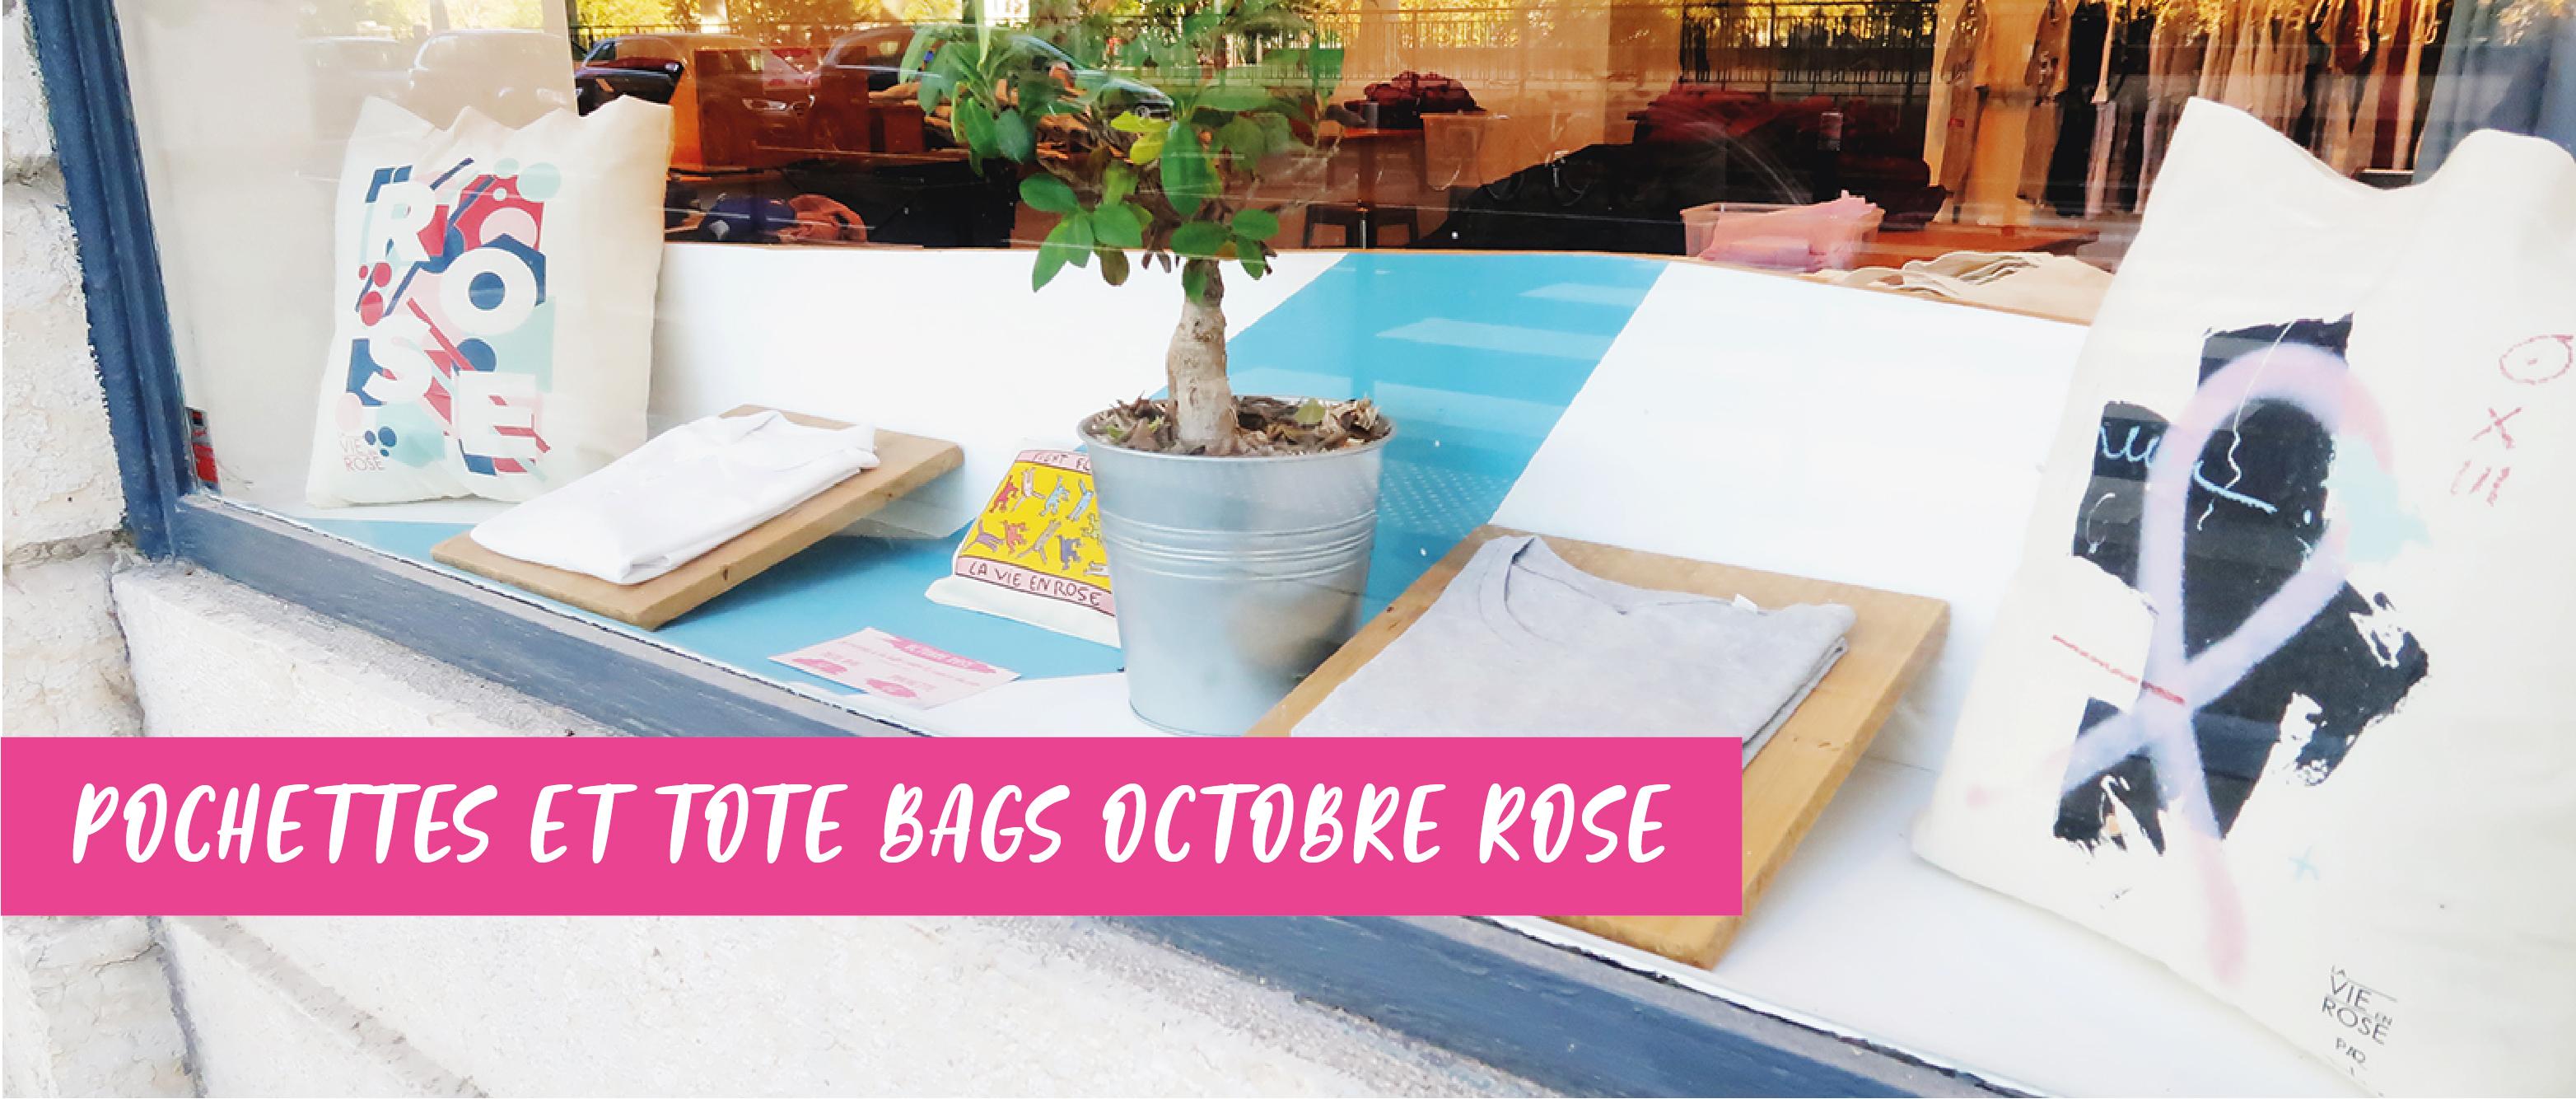 Pochettes et tote bags Octobre Rose - Atelier du Quai